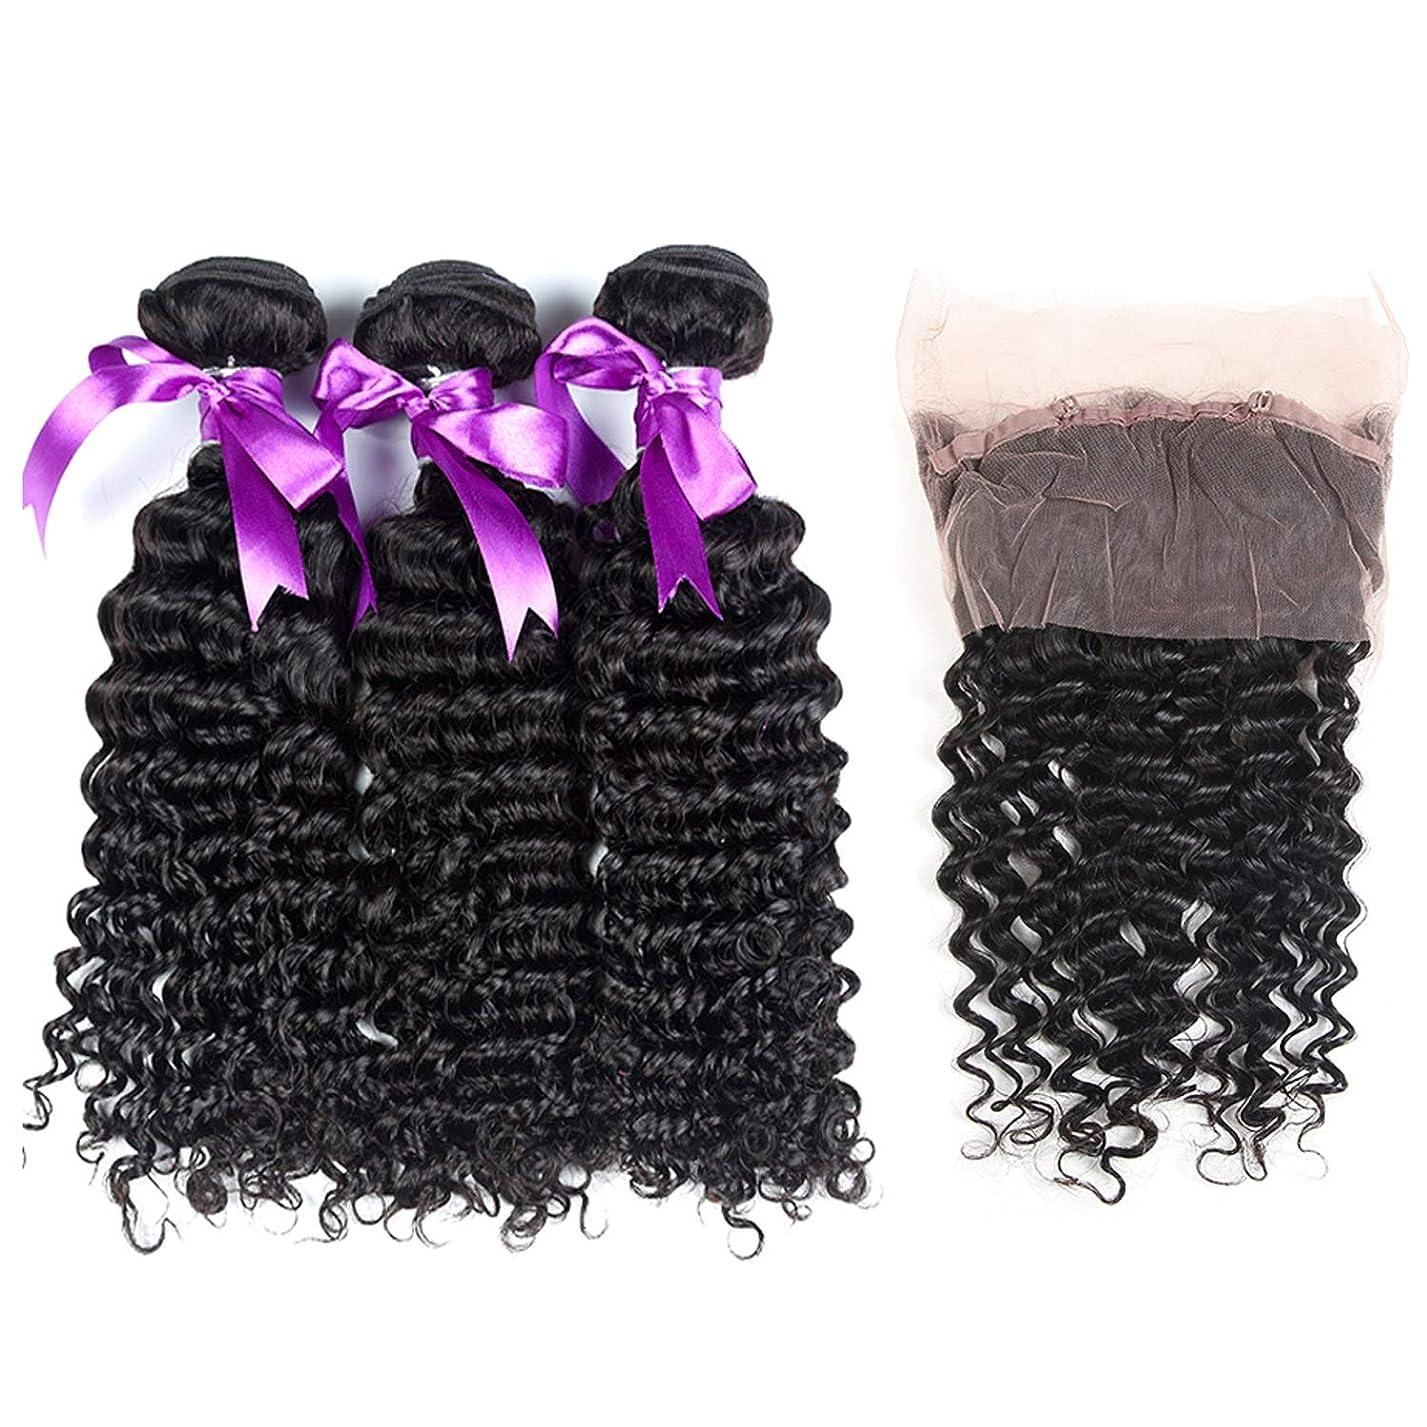 プレゼンテーション言い直すマトリックスかつら 人間の髪の毛のかつら360レース前頭閉鎖とブラジルのディープウェーブの束100%Non-Remy人間の髪の束 (Length : 26 26 28 Closure20)